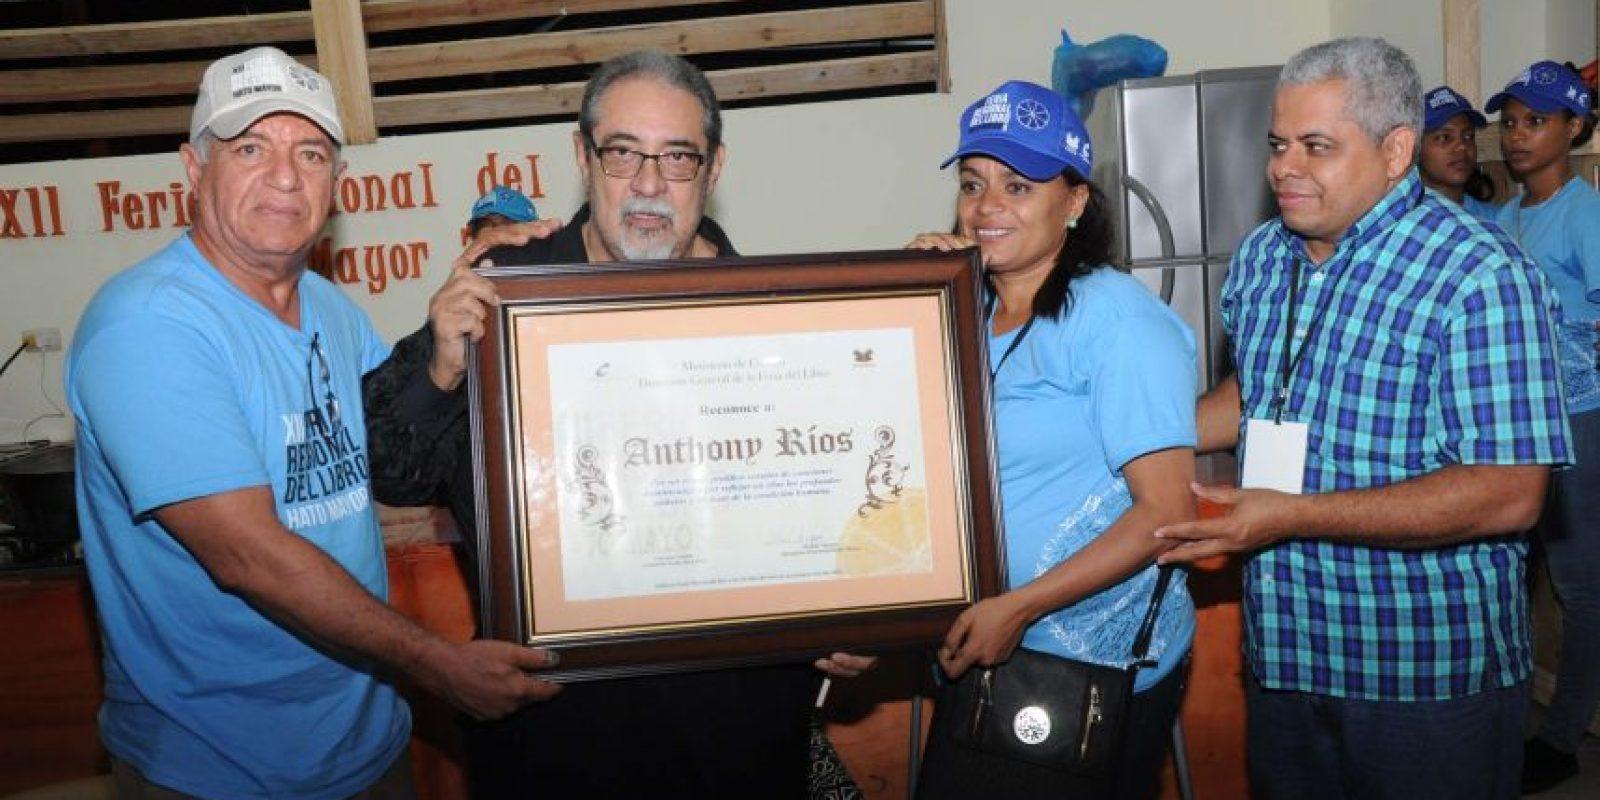 El homenajeado cantante, Anthony Ríos, recibe el reconocimiento de manos del escritor Valentín Amaro y la gestora cultura Wendy Jáquez, le acompaña el escritor Robert Berroa, director regional de Cultura. Foto:Fuente externa